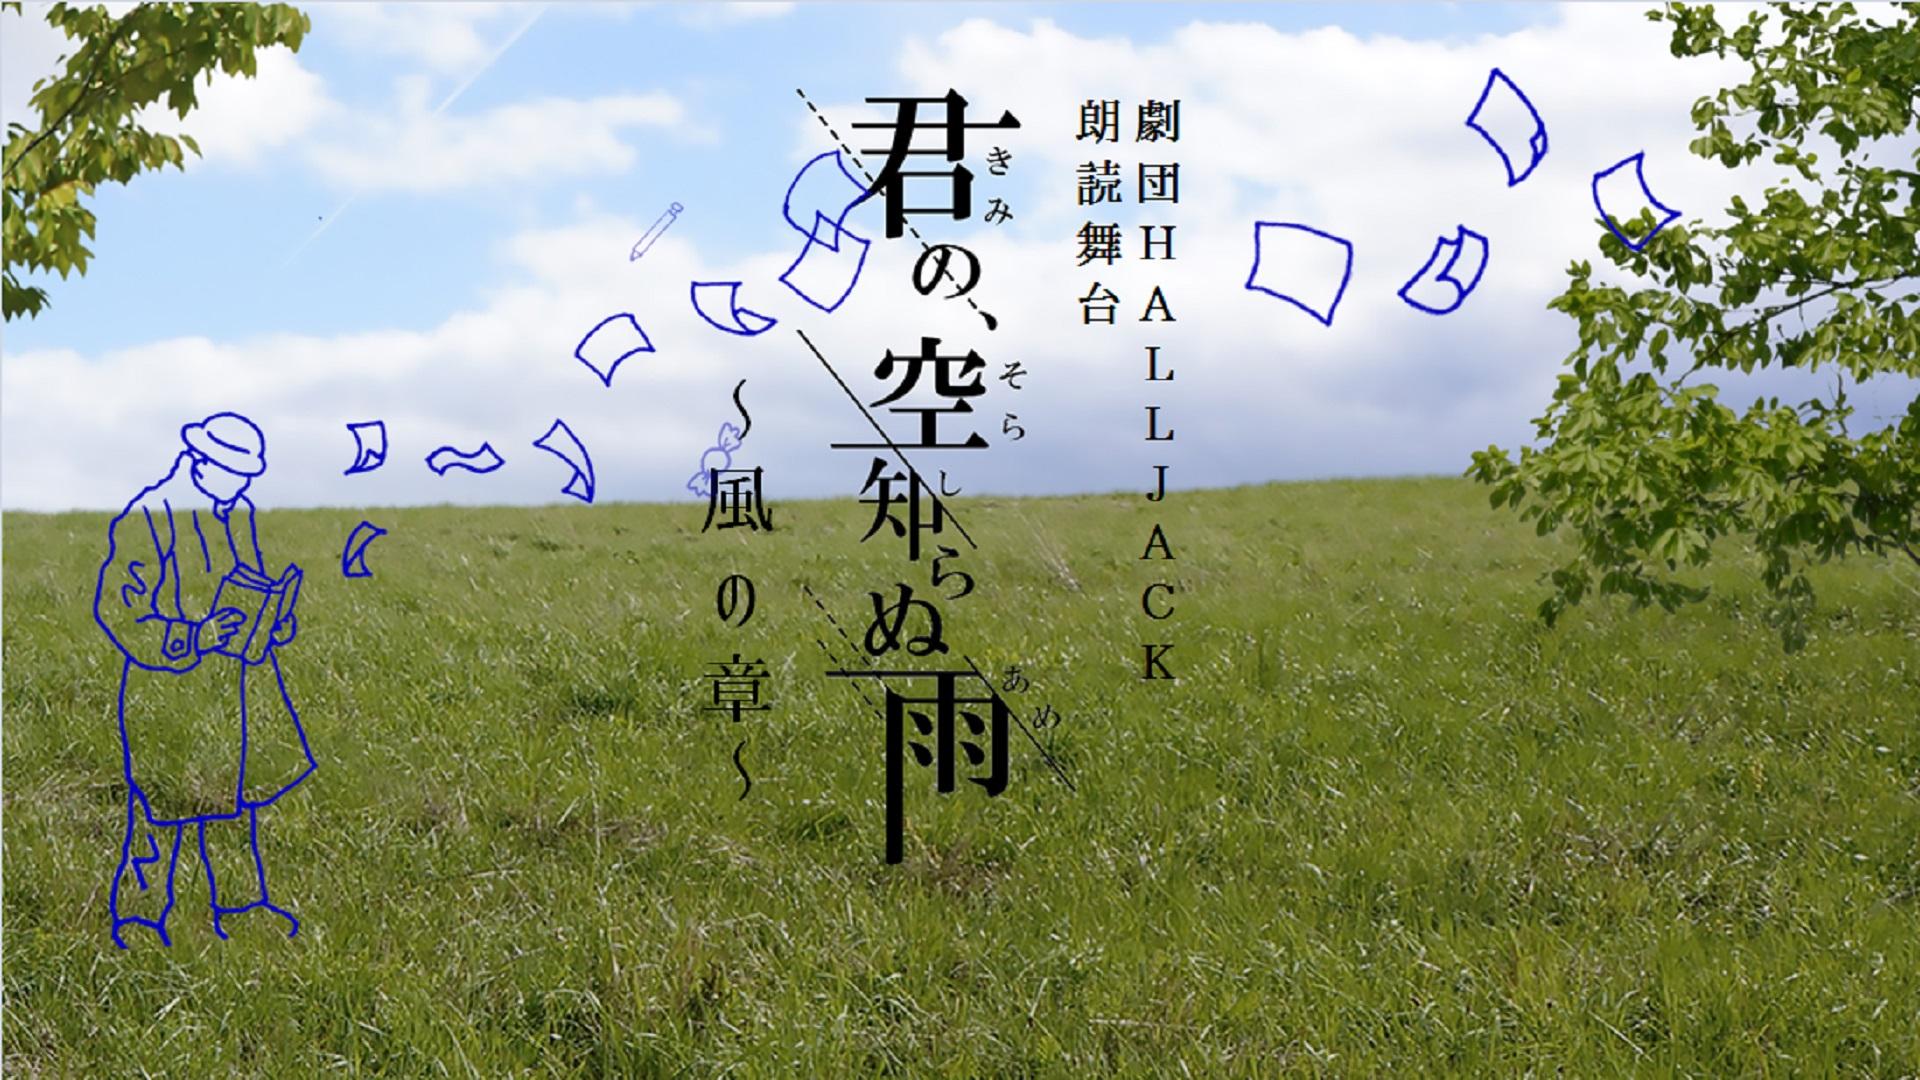 朗読舞台「君の、空知らぬ雨~風の章~」